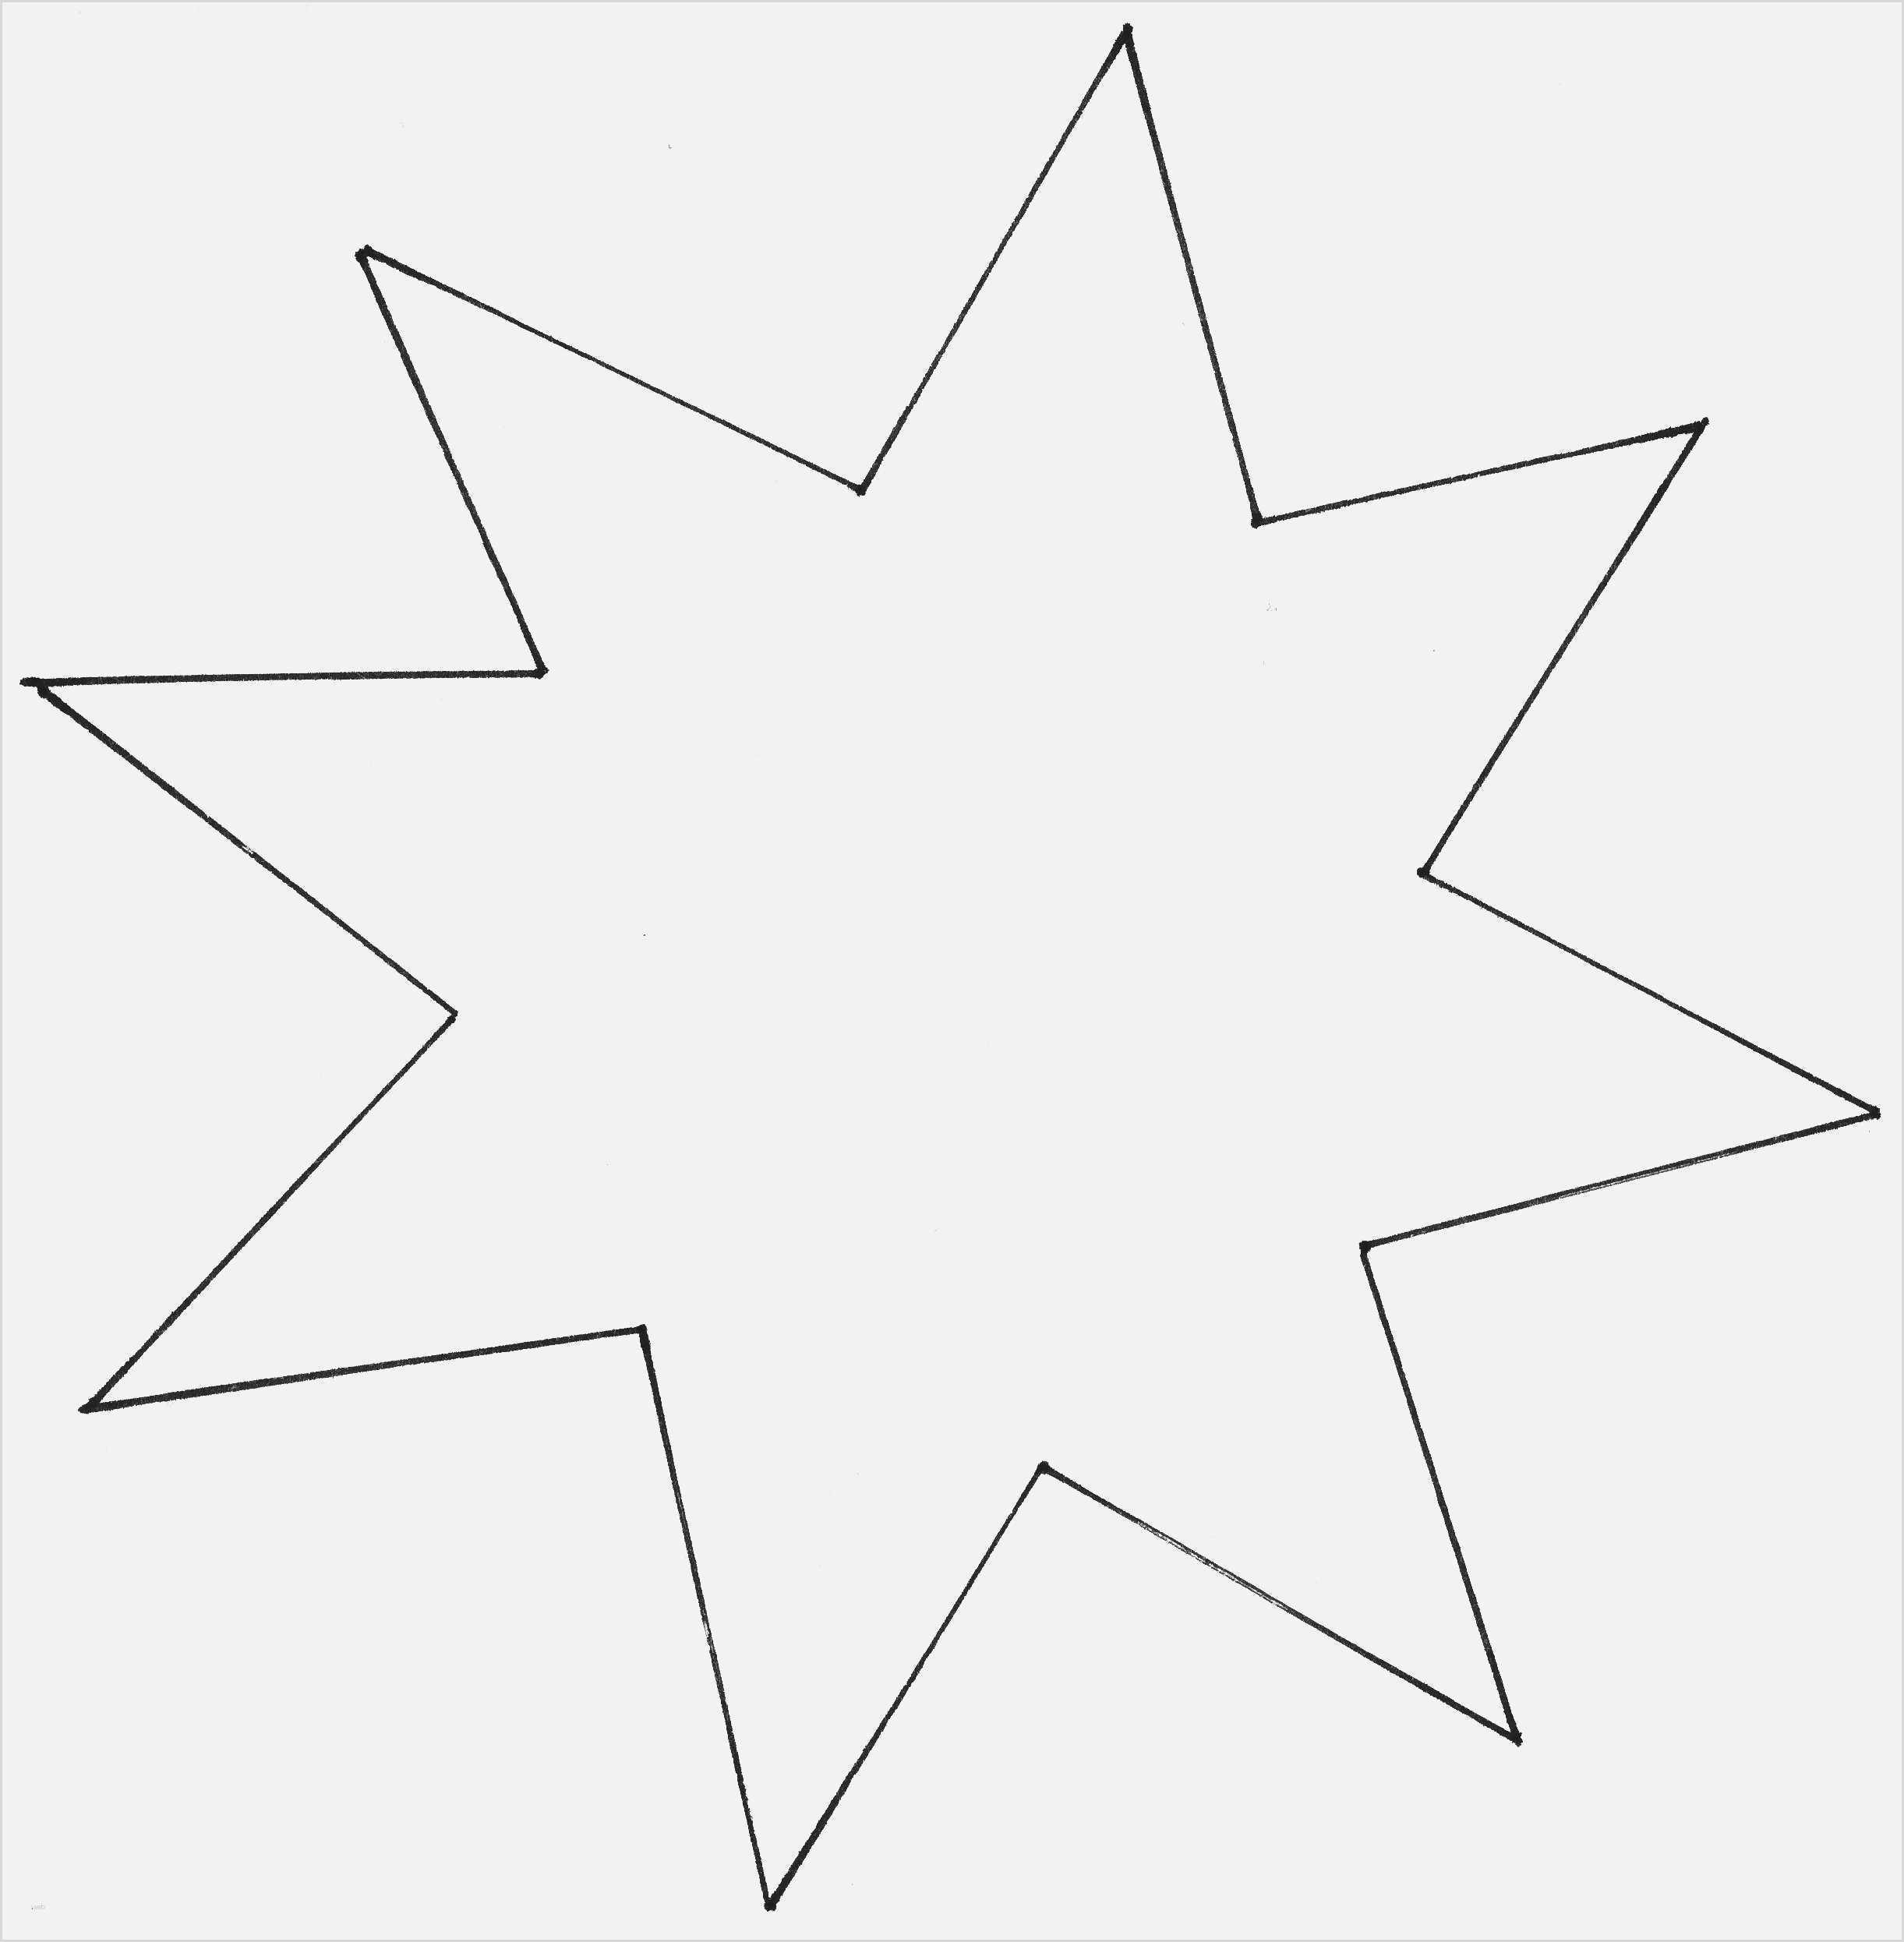 35 Sterne Ausmalbilder Sterne Basteln Vorlage Vorlage Stern